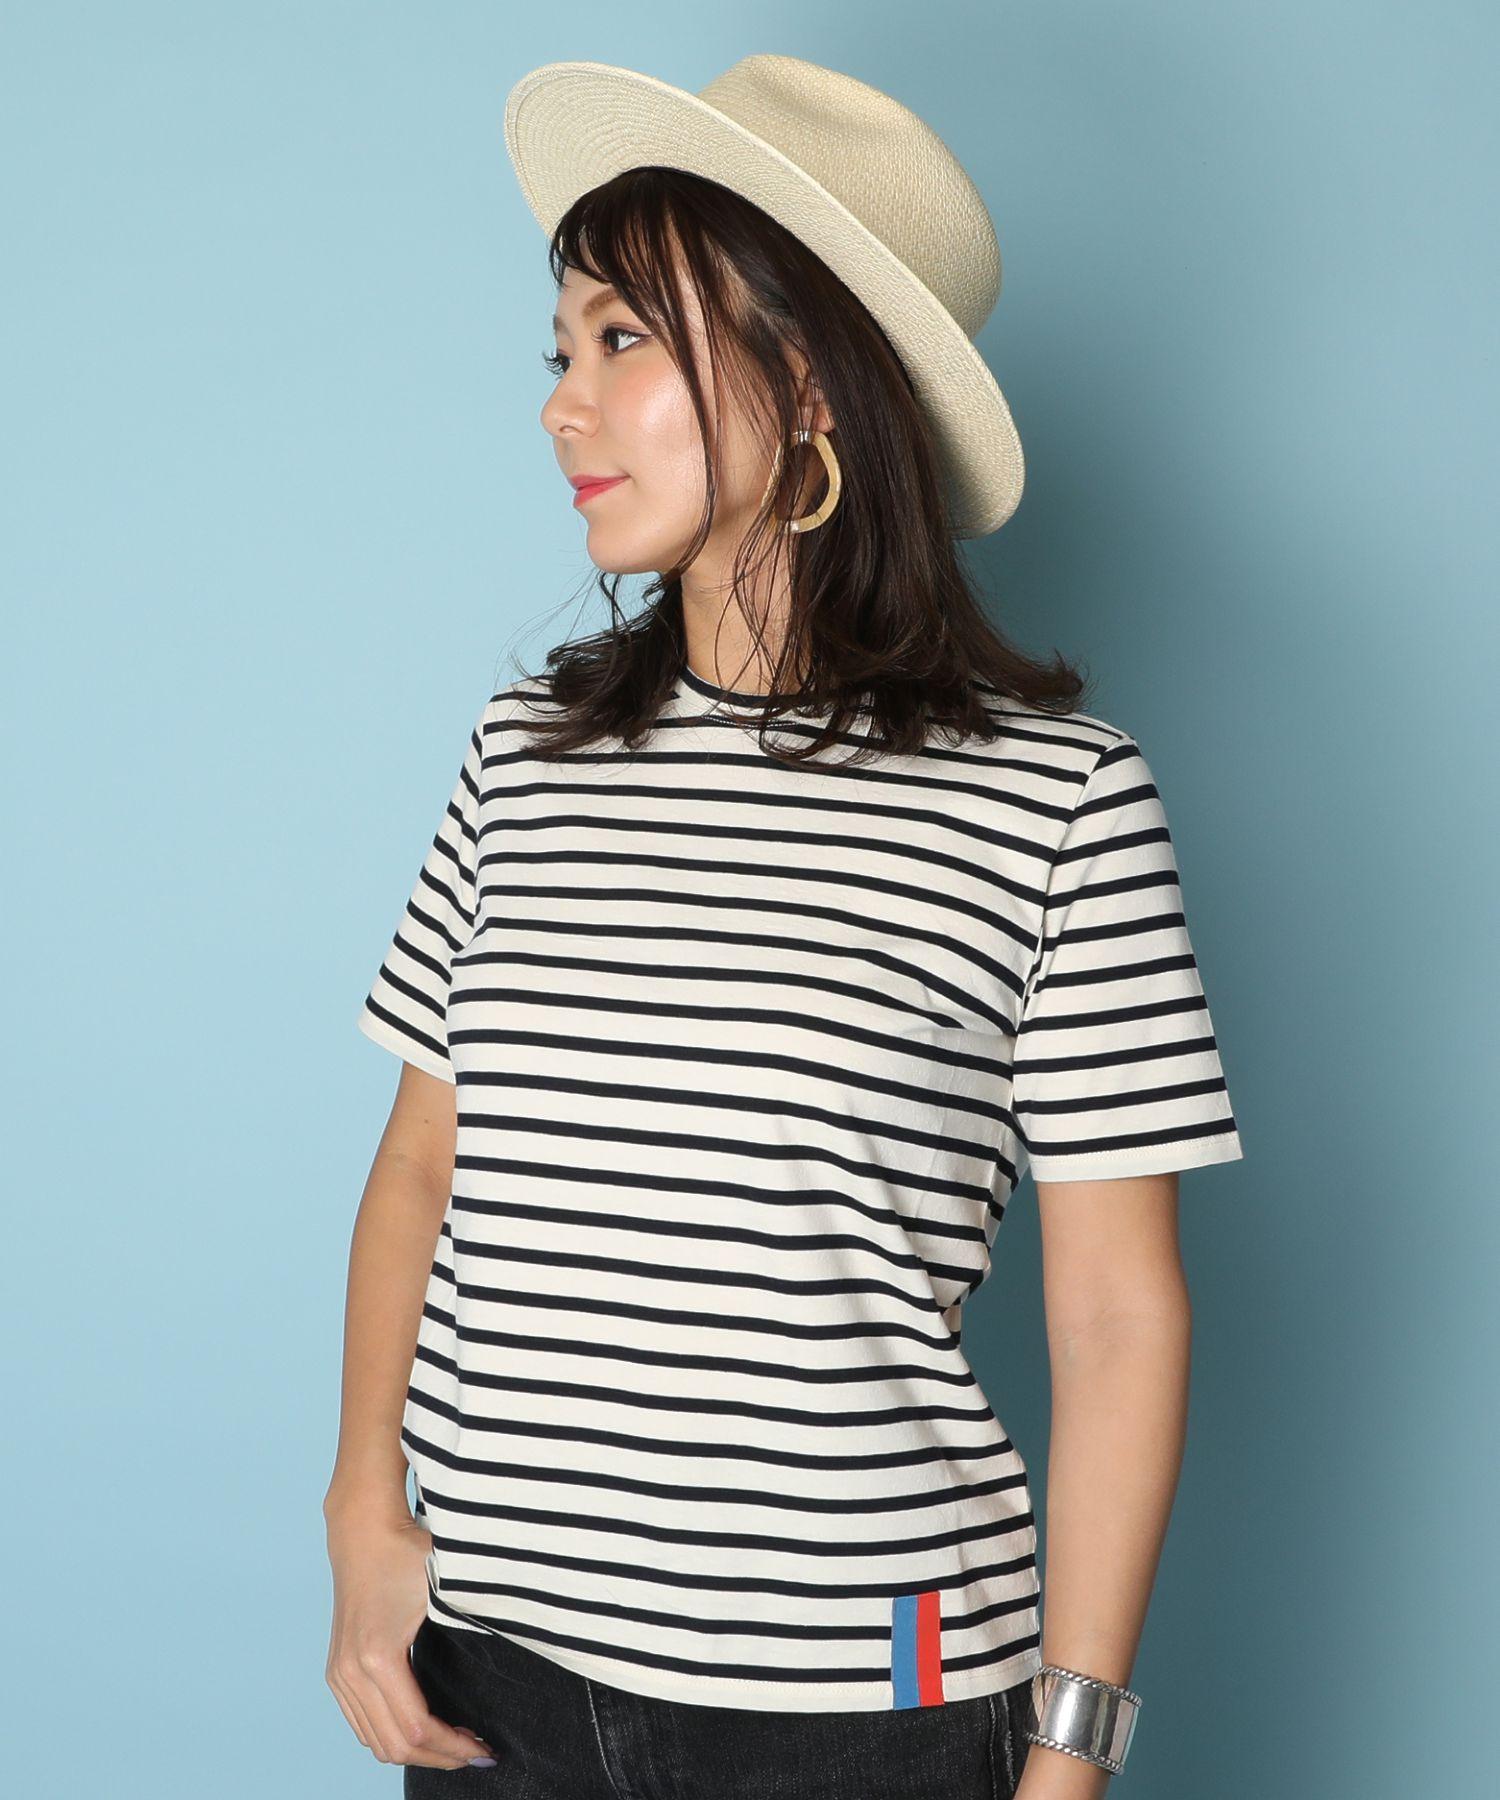 KULE キュール / ボーダー半袖Tシャツ